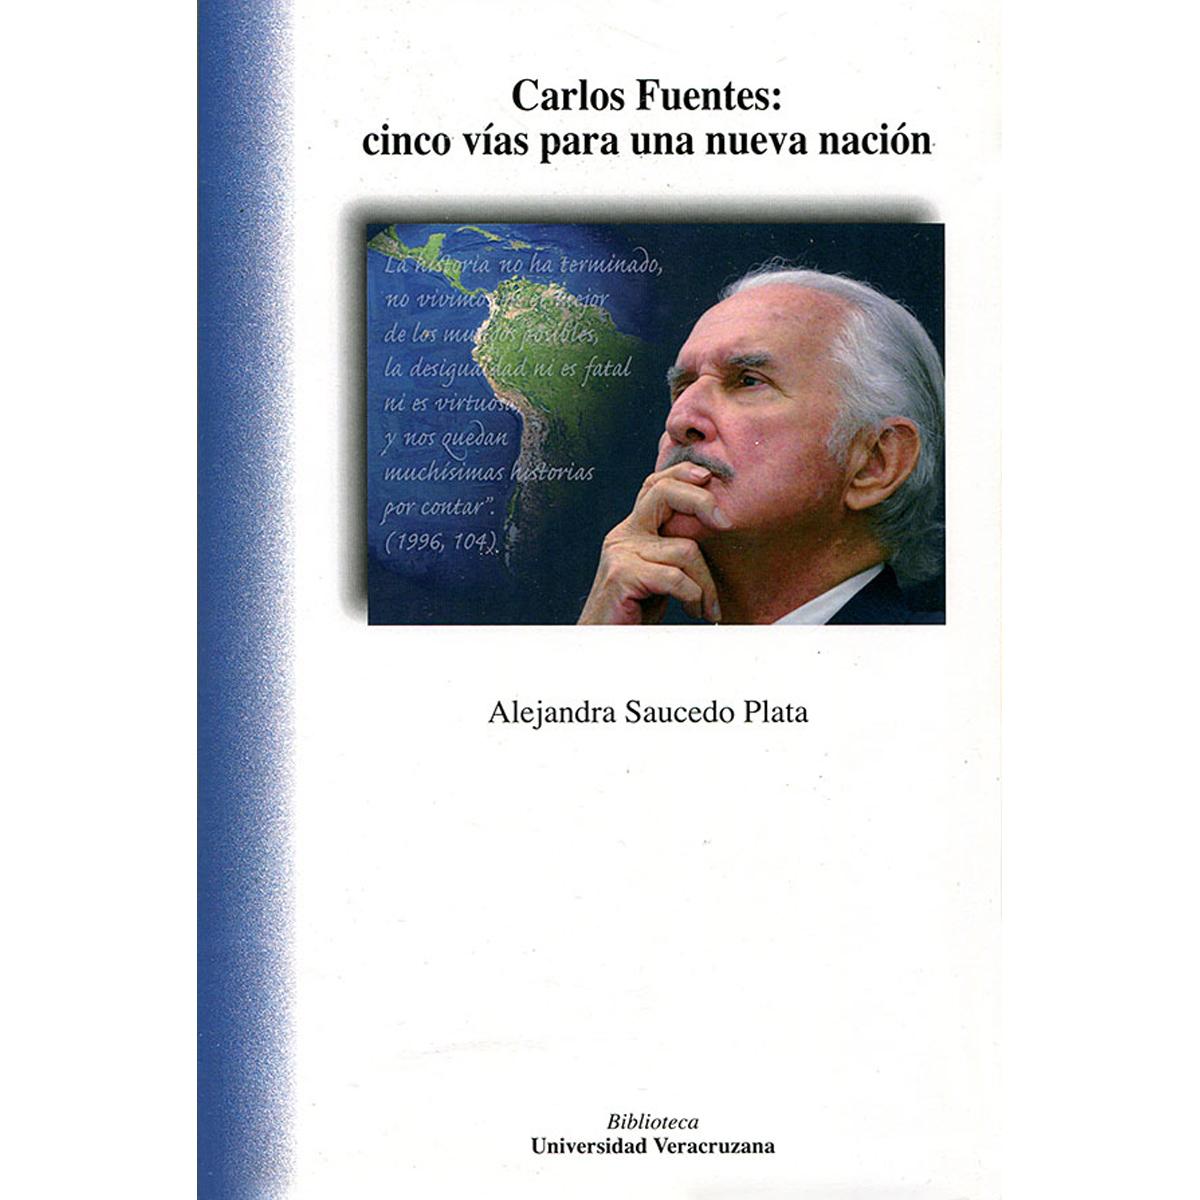 Carlos Fuentes: cinco vías para una nueva nación